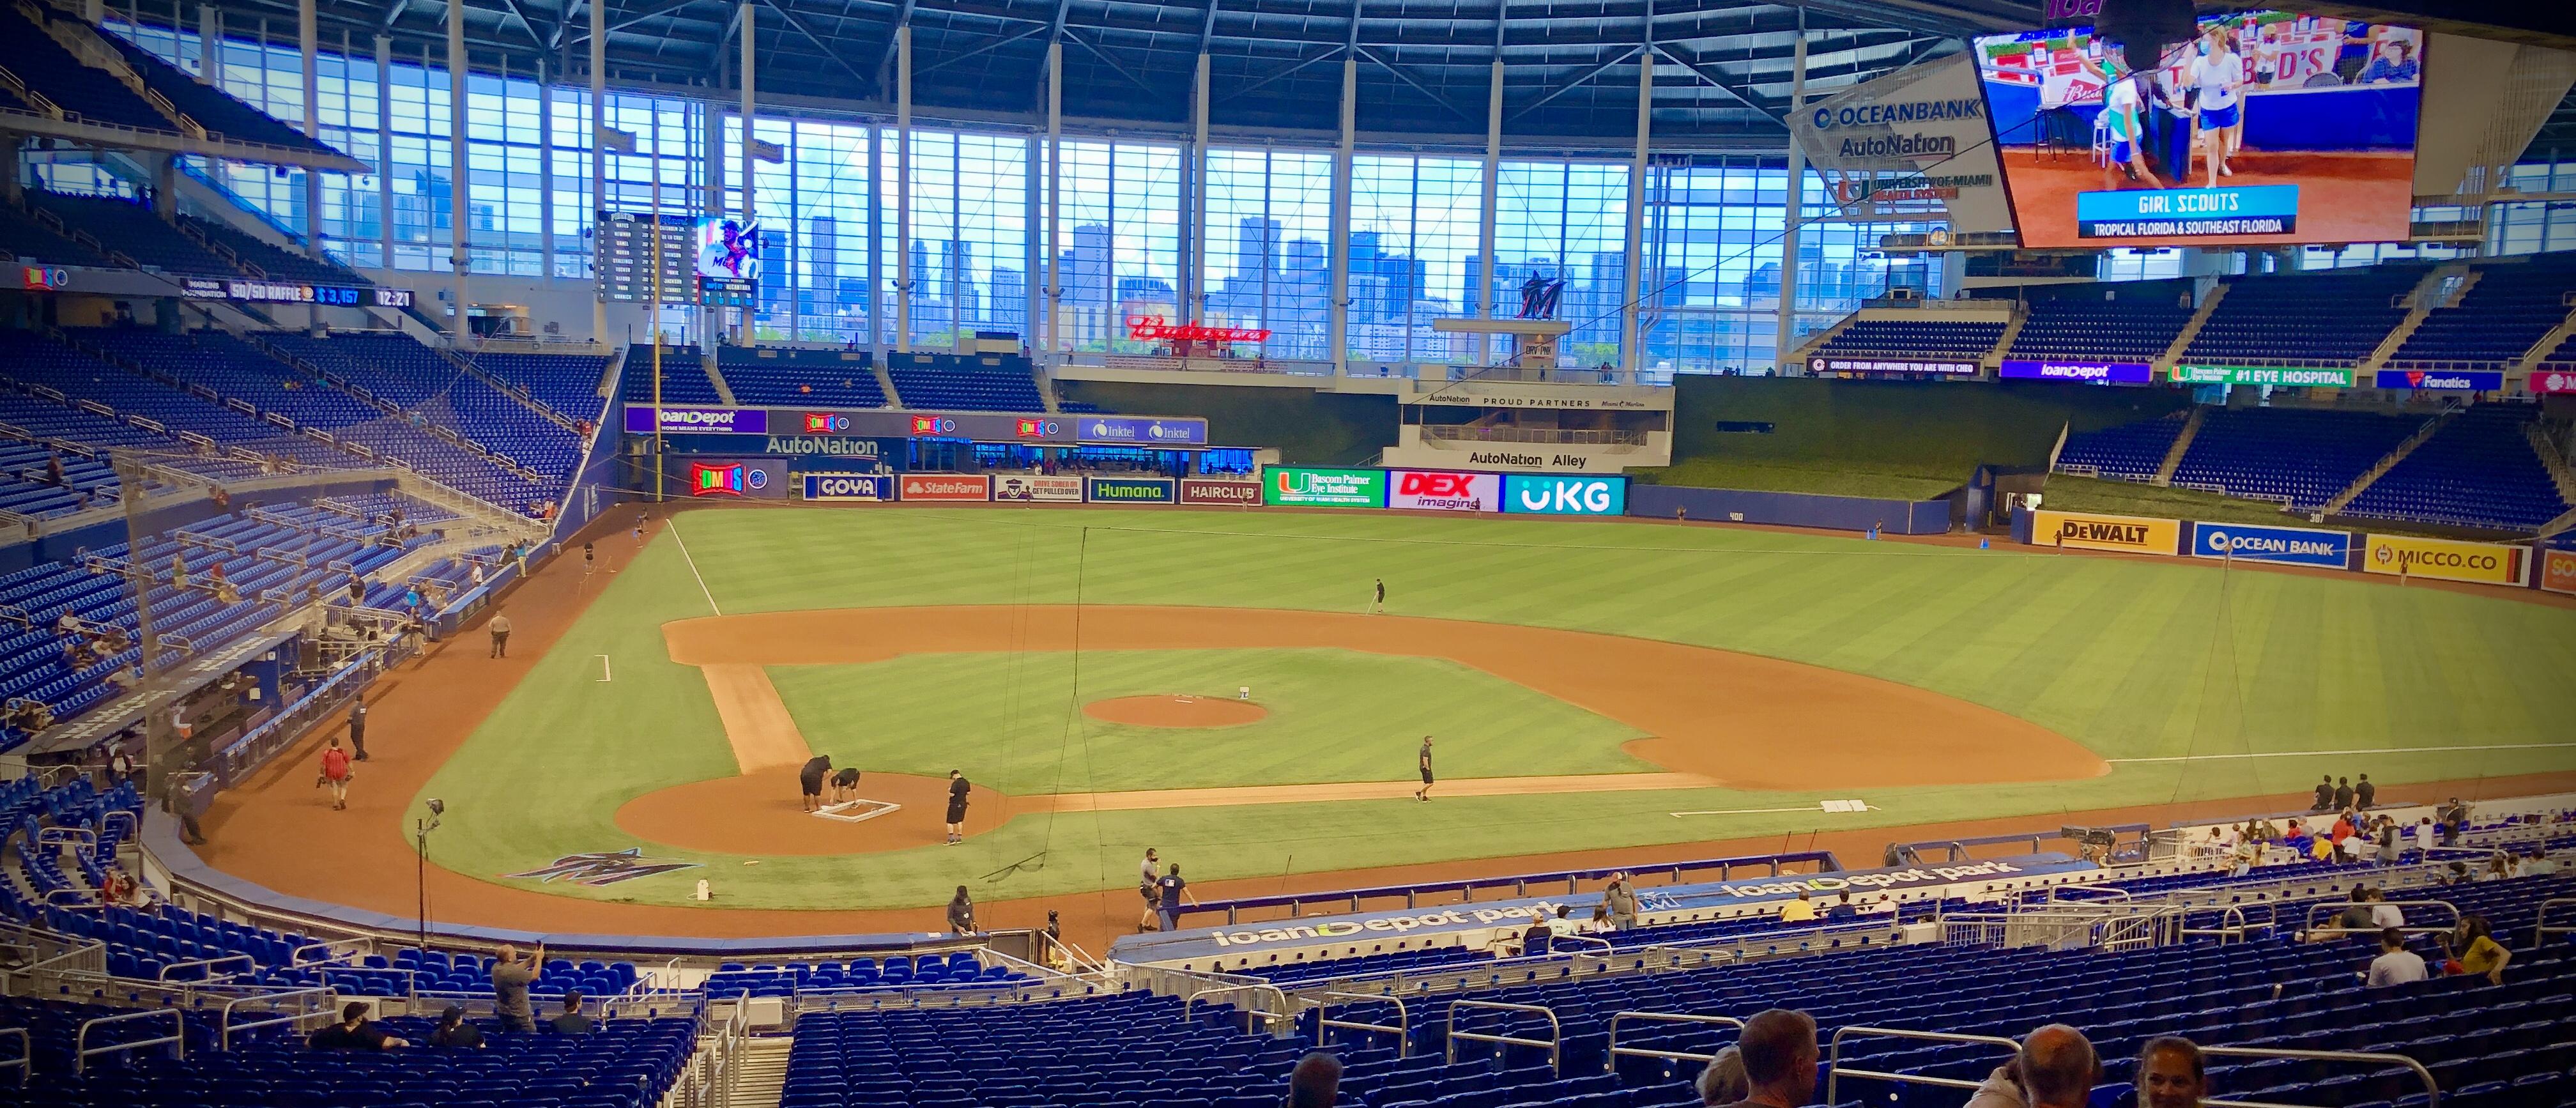 Loan Depot Park Inside  - Miami Marlins